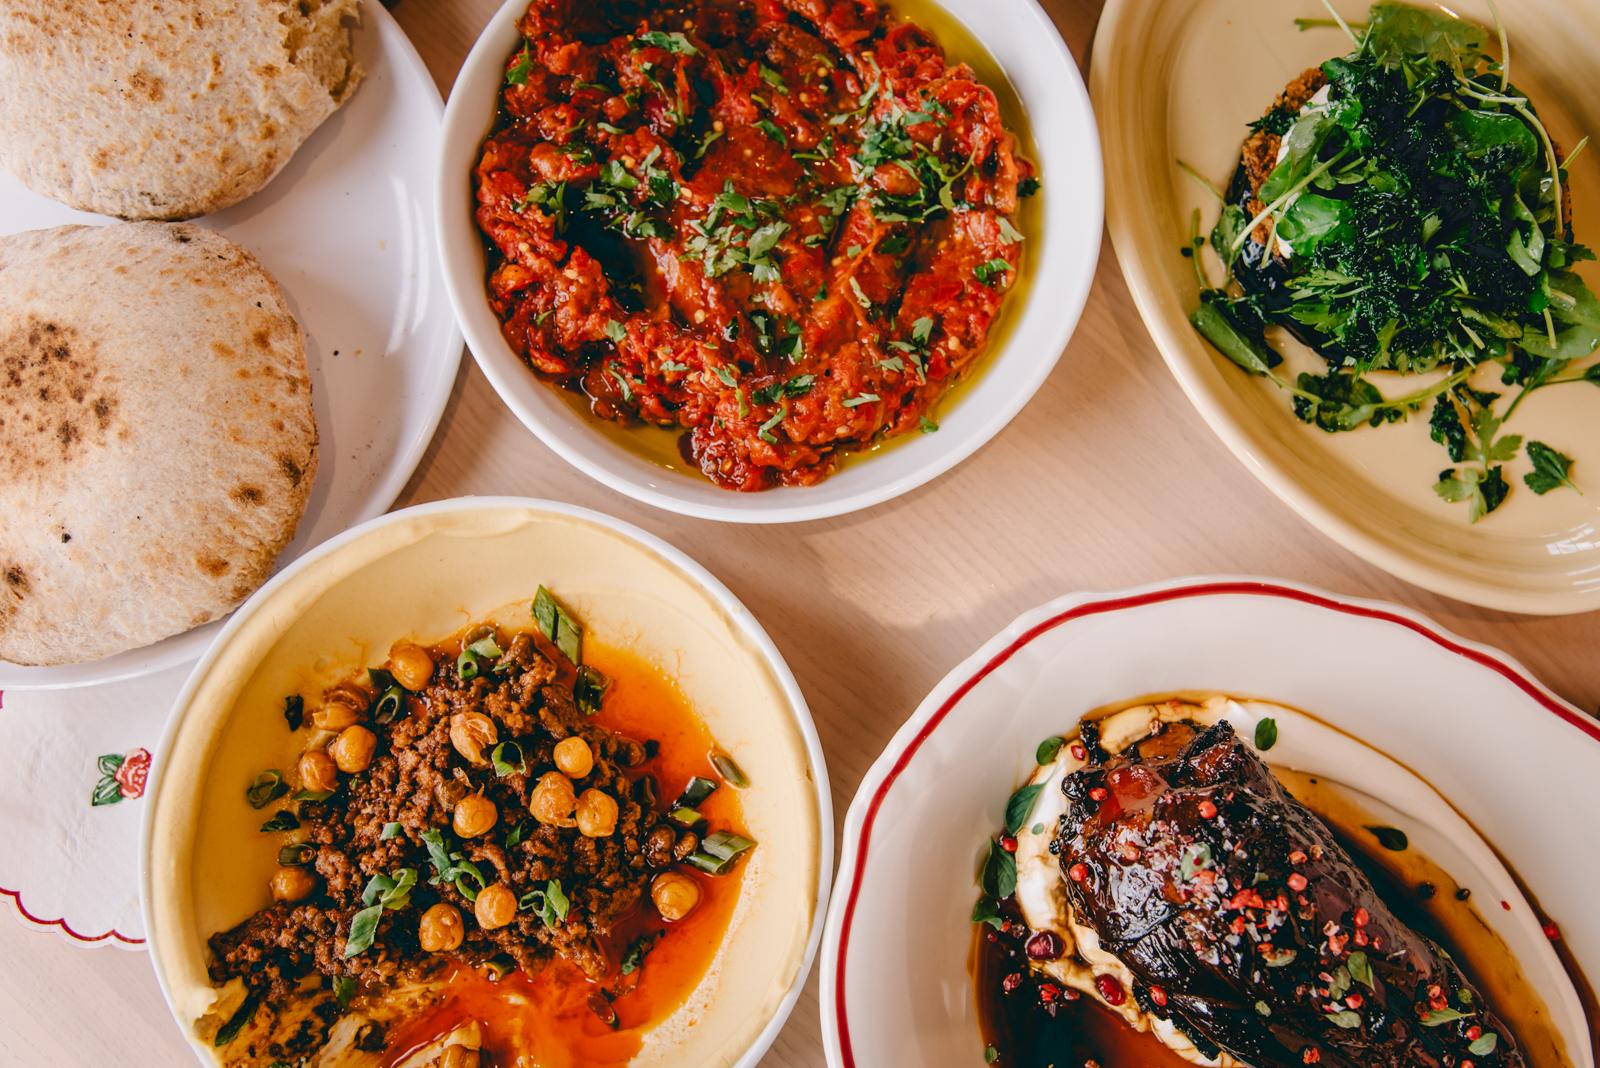 Hummus, lutenitsa, pita, and lamb shank